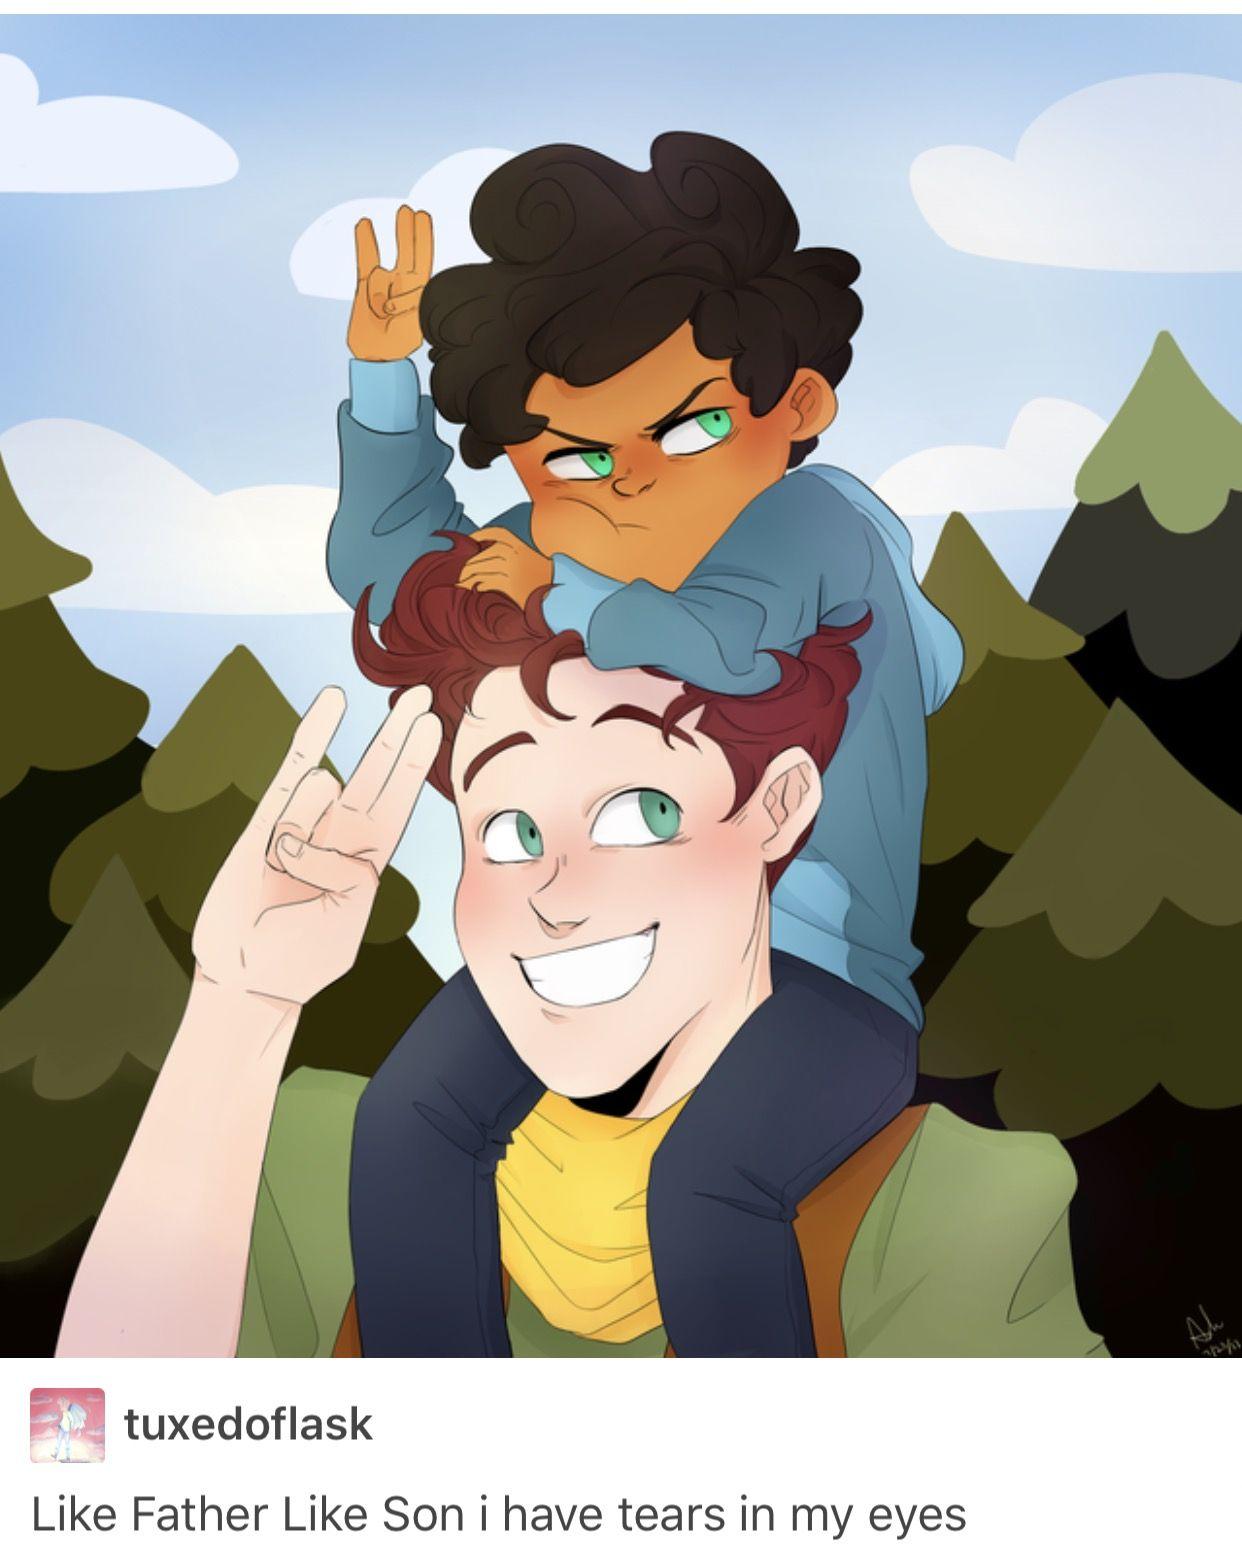 gay son Stuffed dad